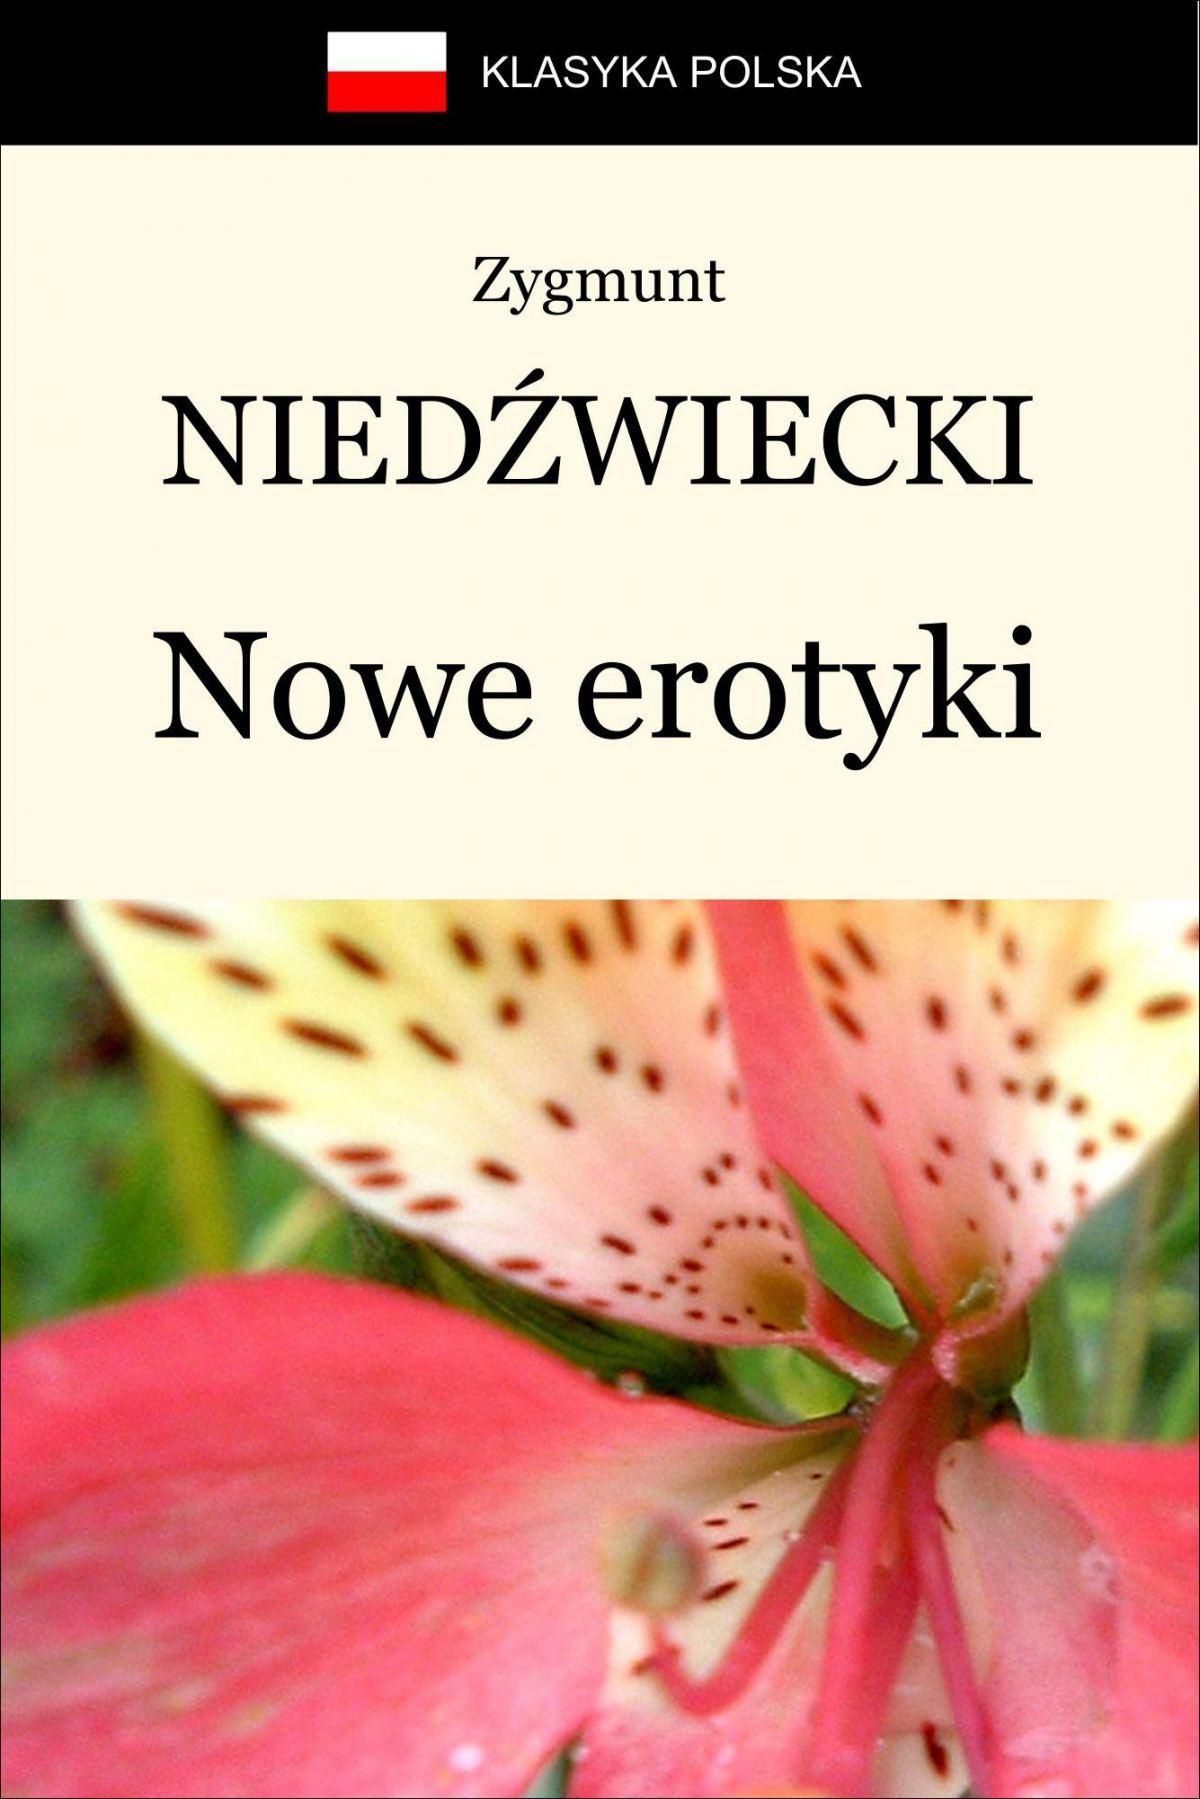 Nowe erotyki - Ebook (Książka na Kindle) do pobrania w formacie MOBI